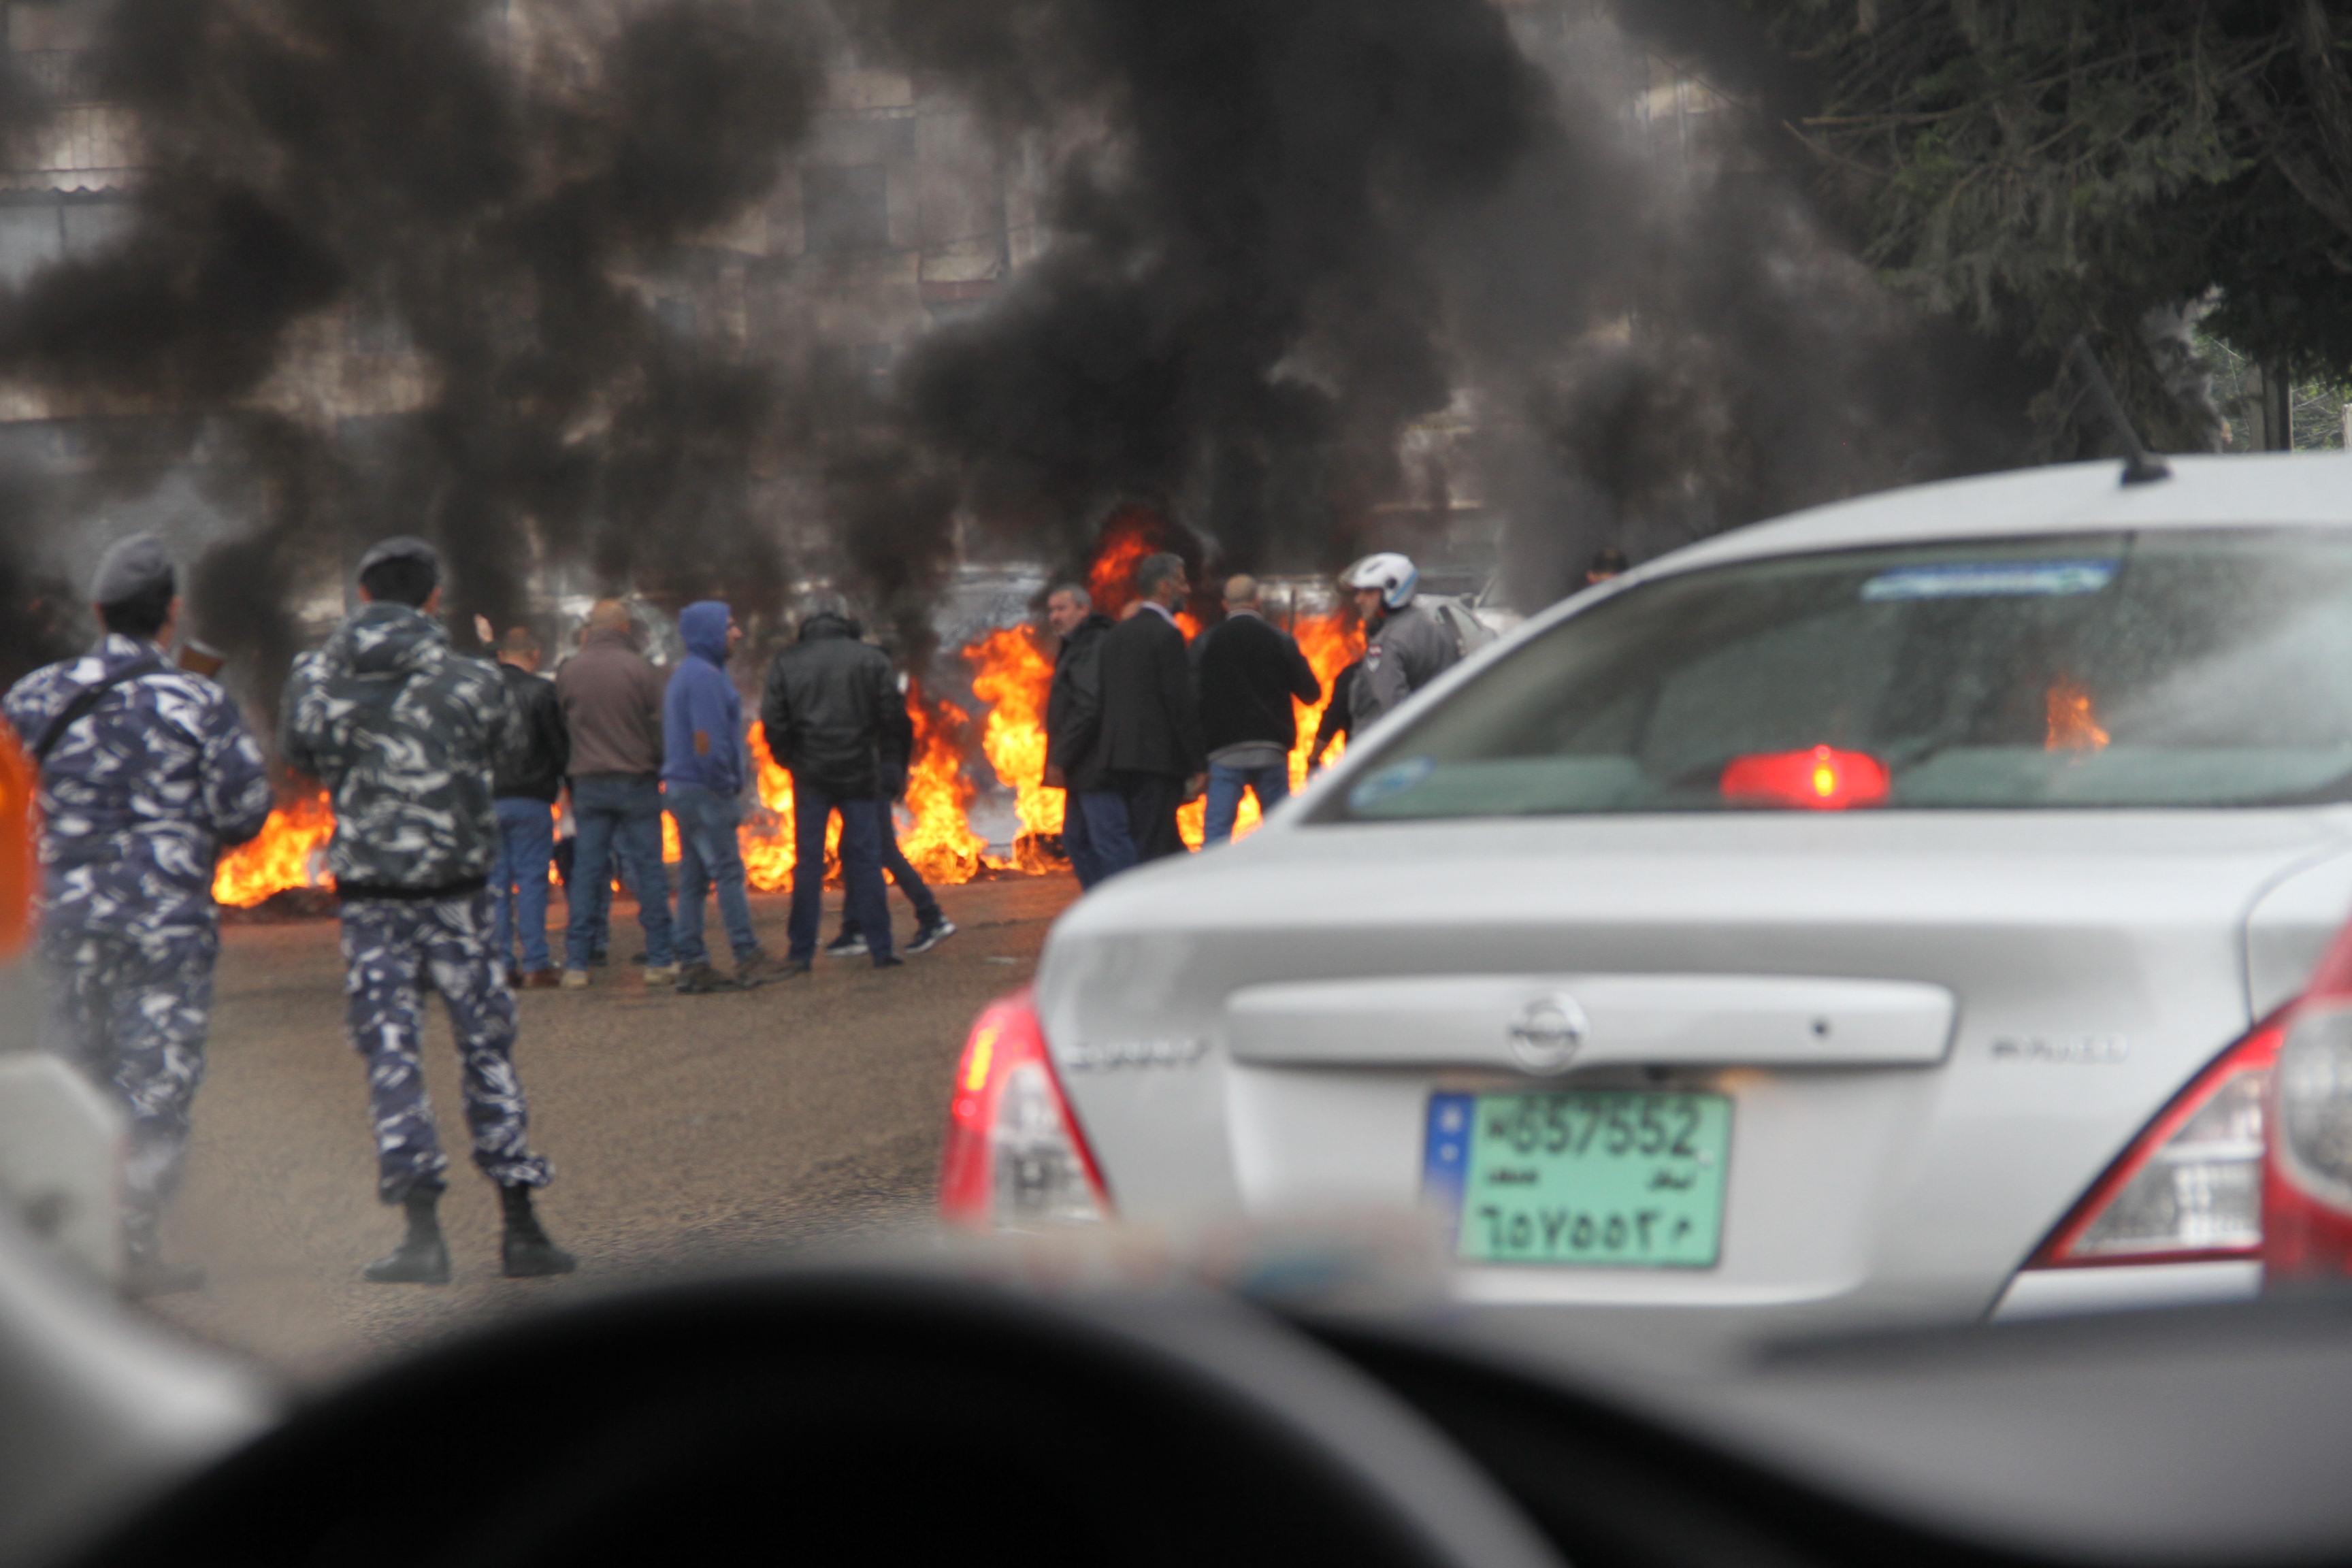 Демонстрация недалеко от Бейрута. Горит дорога